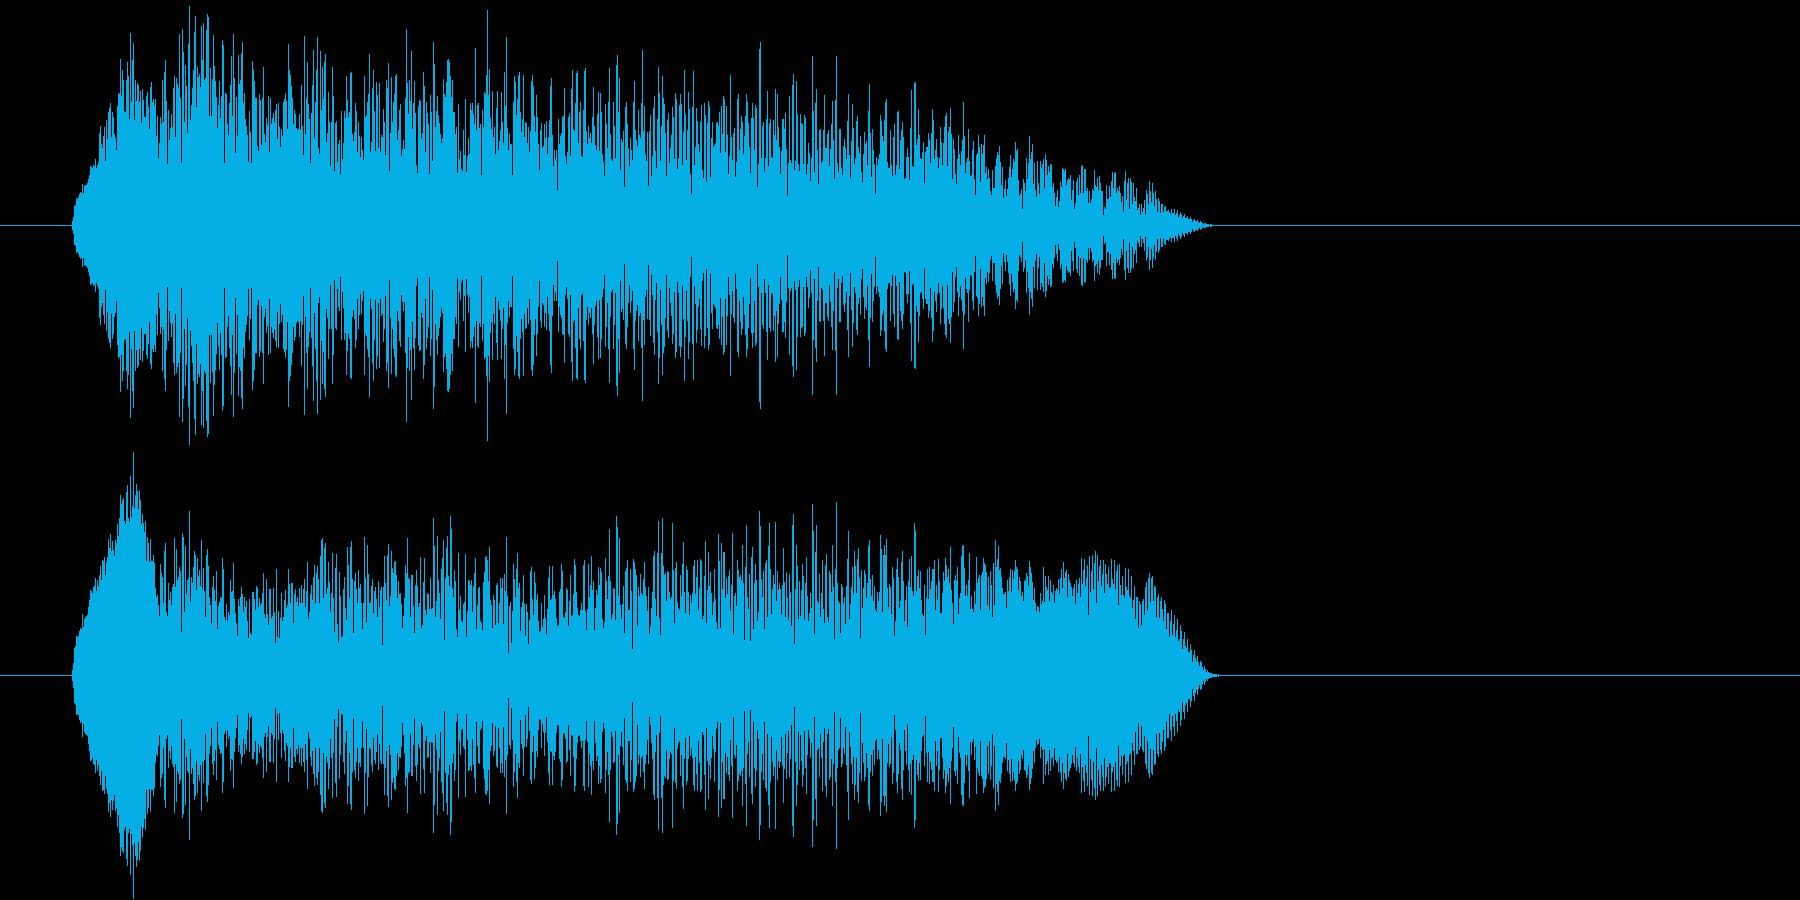 イェーイ (子供が喜ぶ声)の再生済みの波形